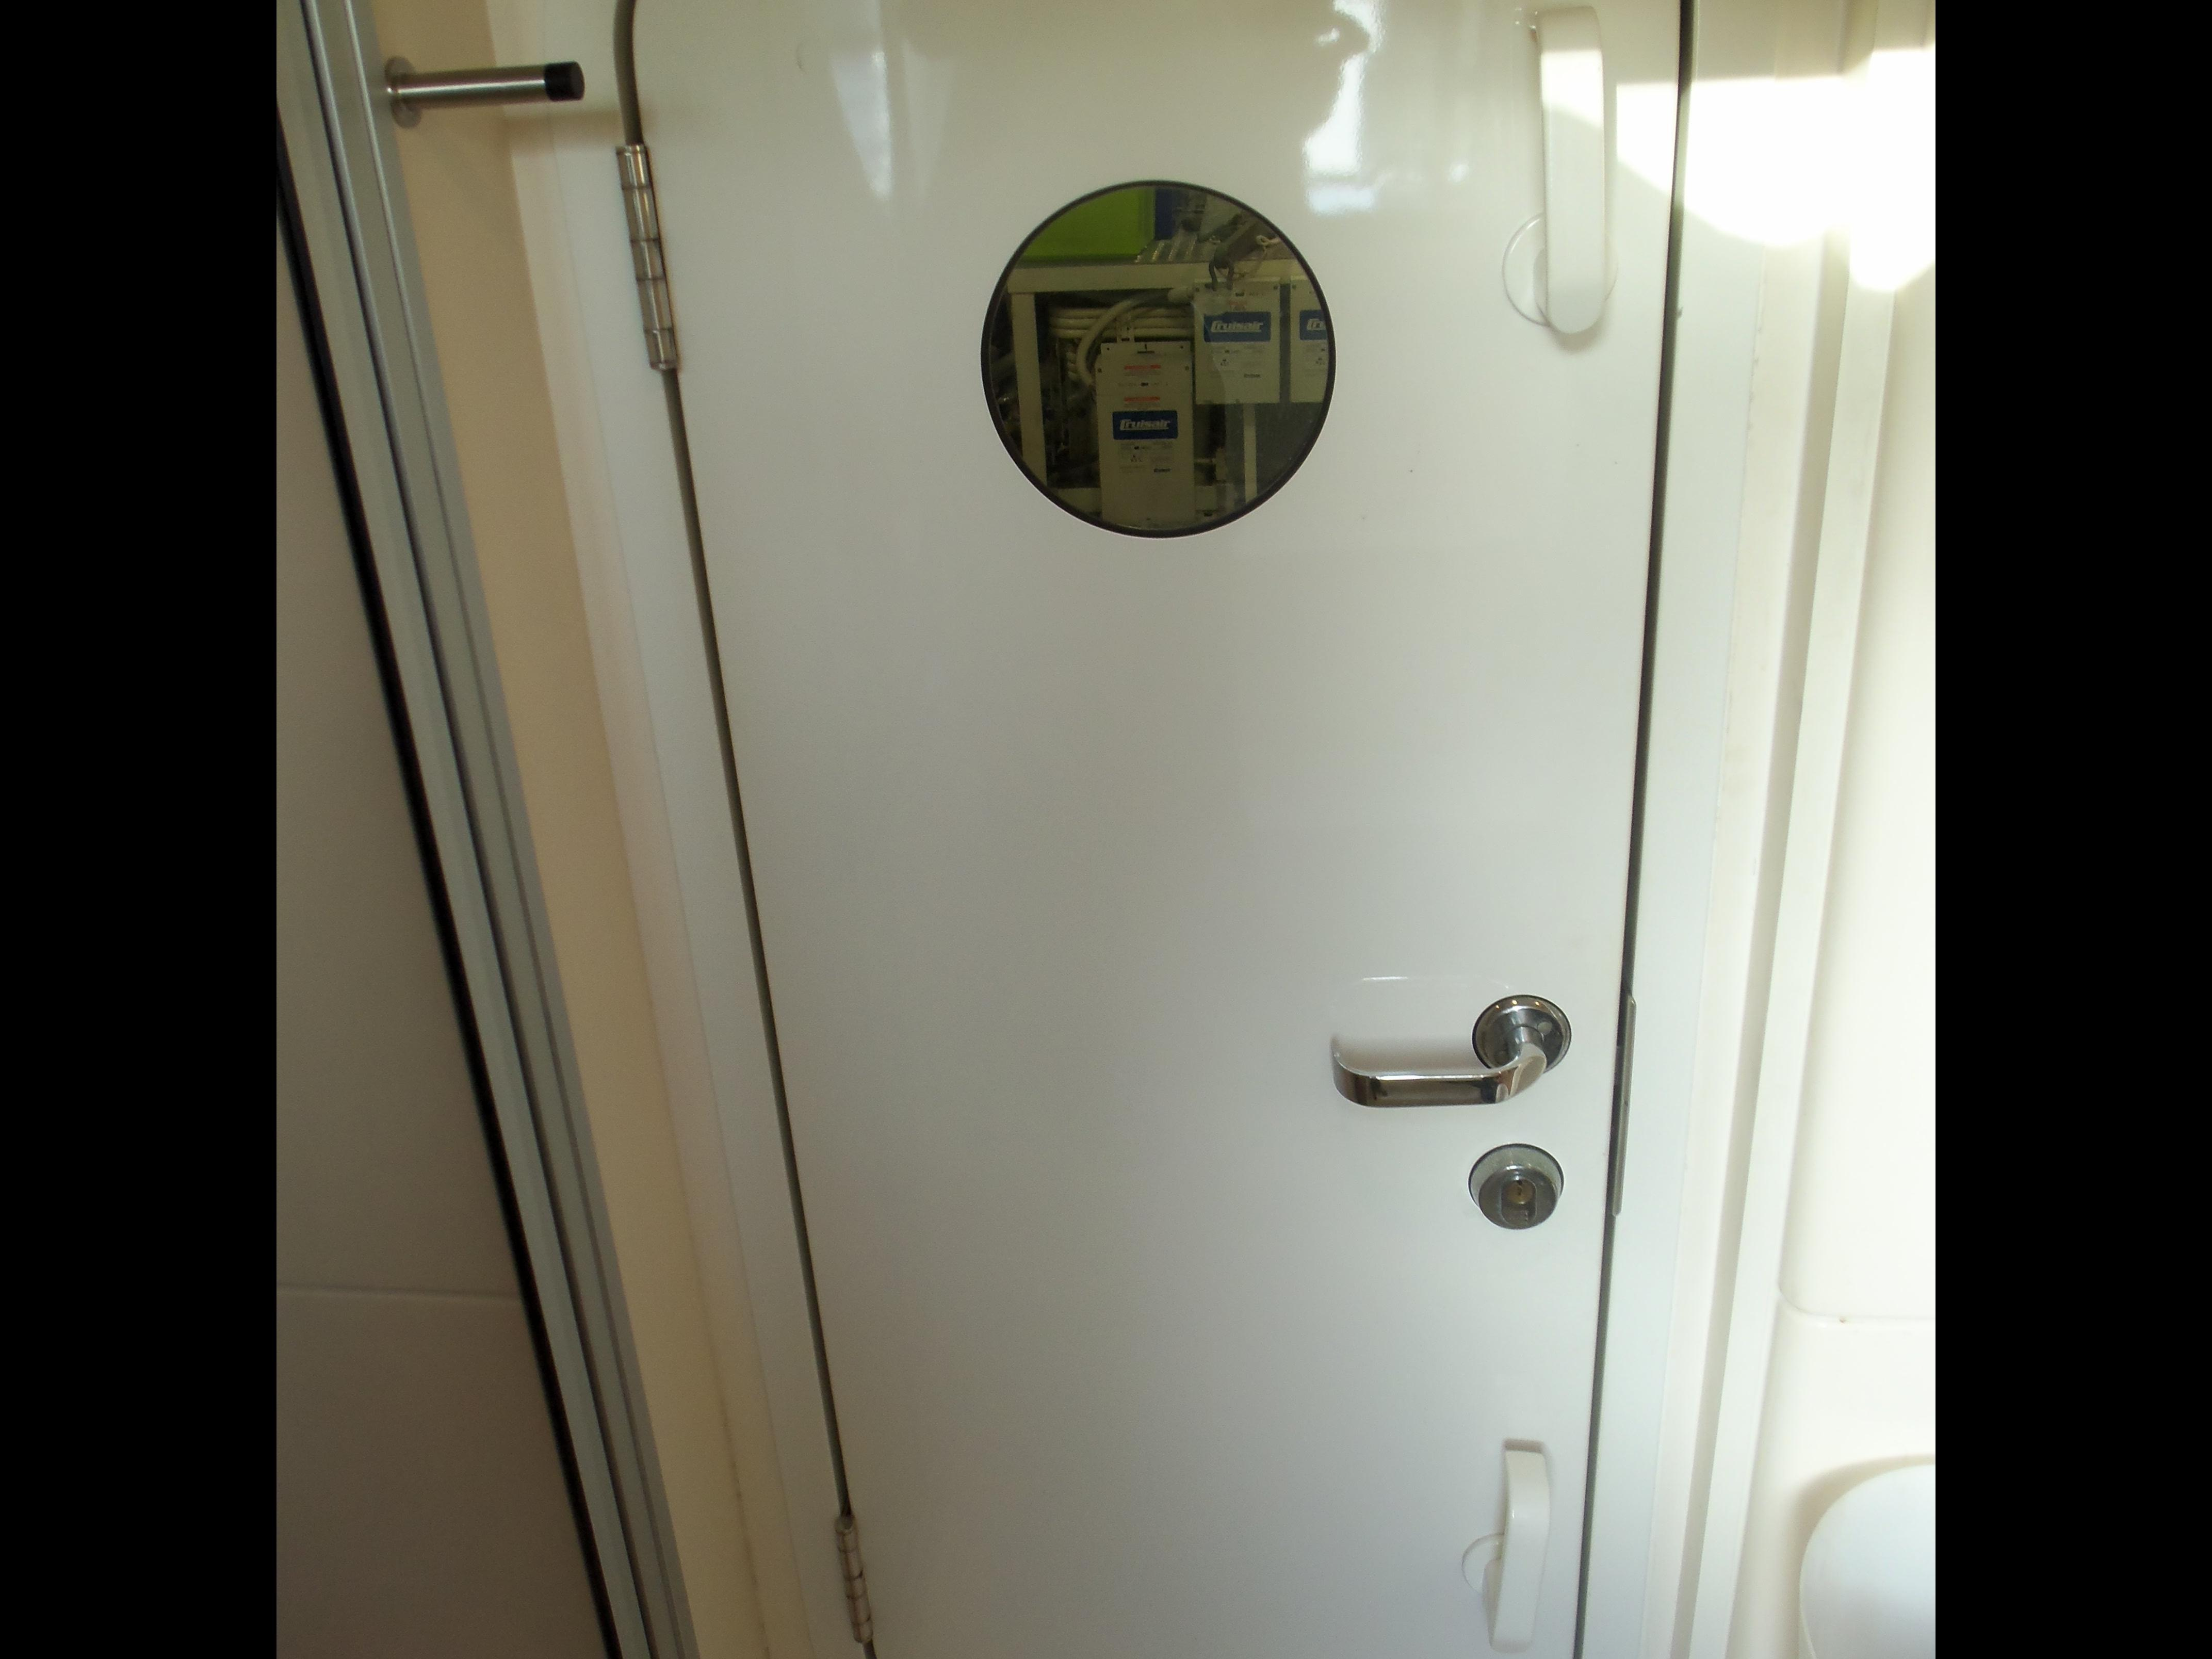 WATERTIGHT ENGINE ROOM DOOR